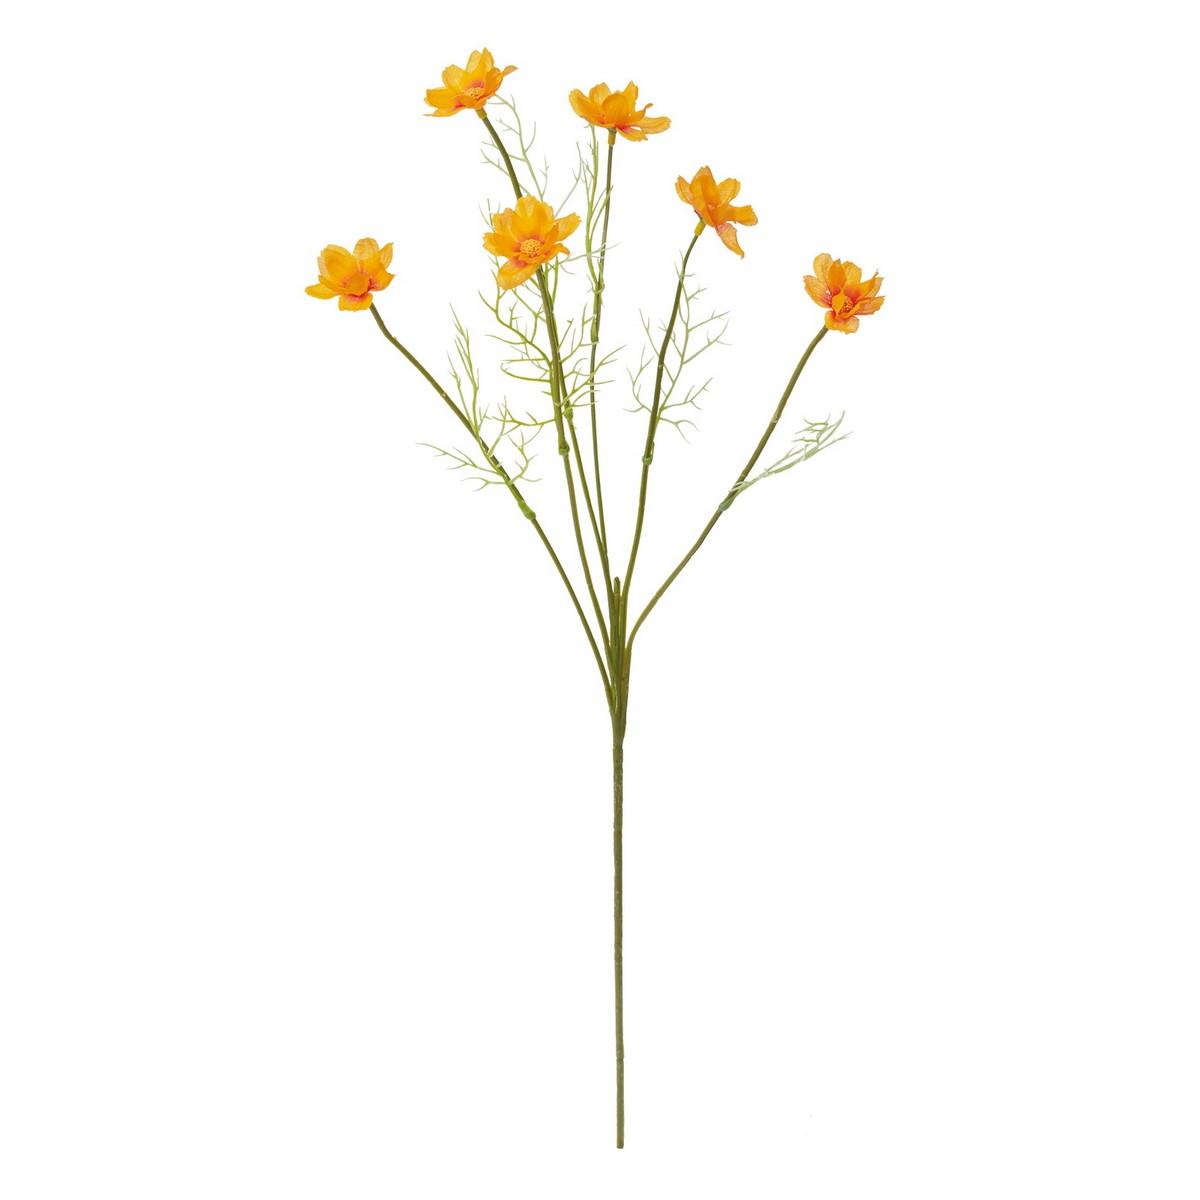 【造花】YDM/キバナコスモス オレンジ/FS -9984-OR【01】【01】【取寄】《 造花(アーティフィシャルフラワー) 造花 花材「か行」 コスモス 》